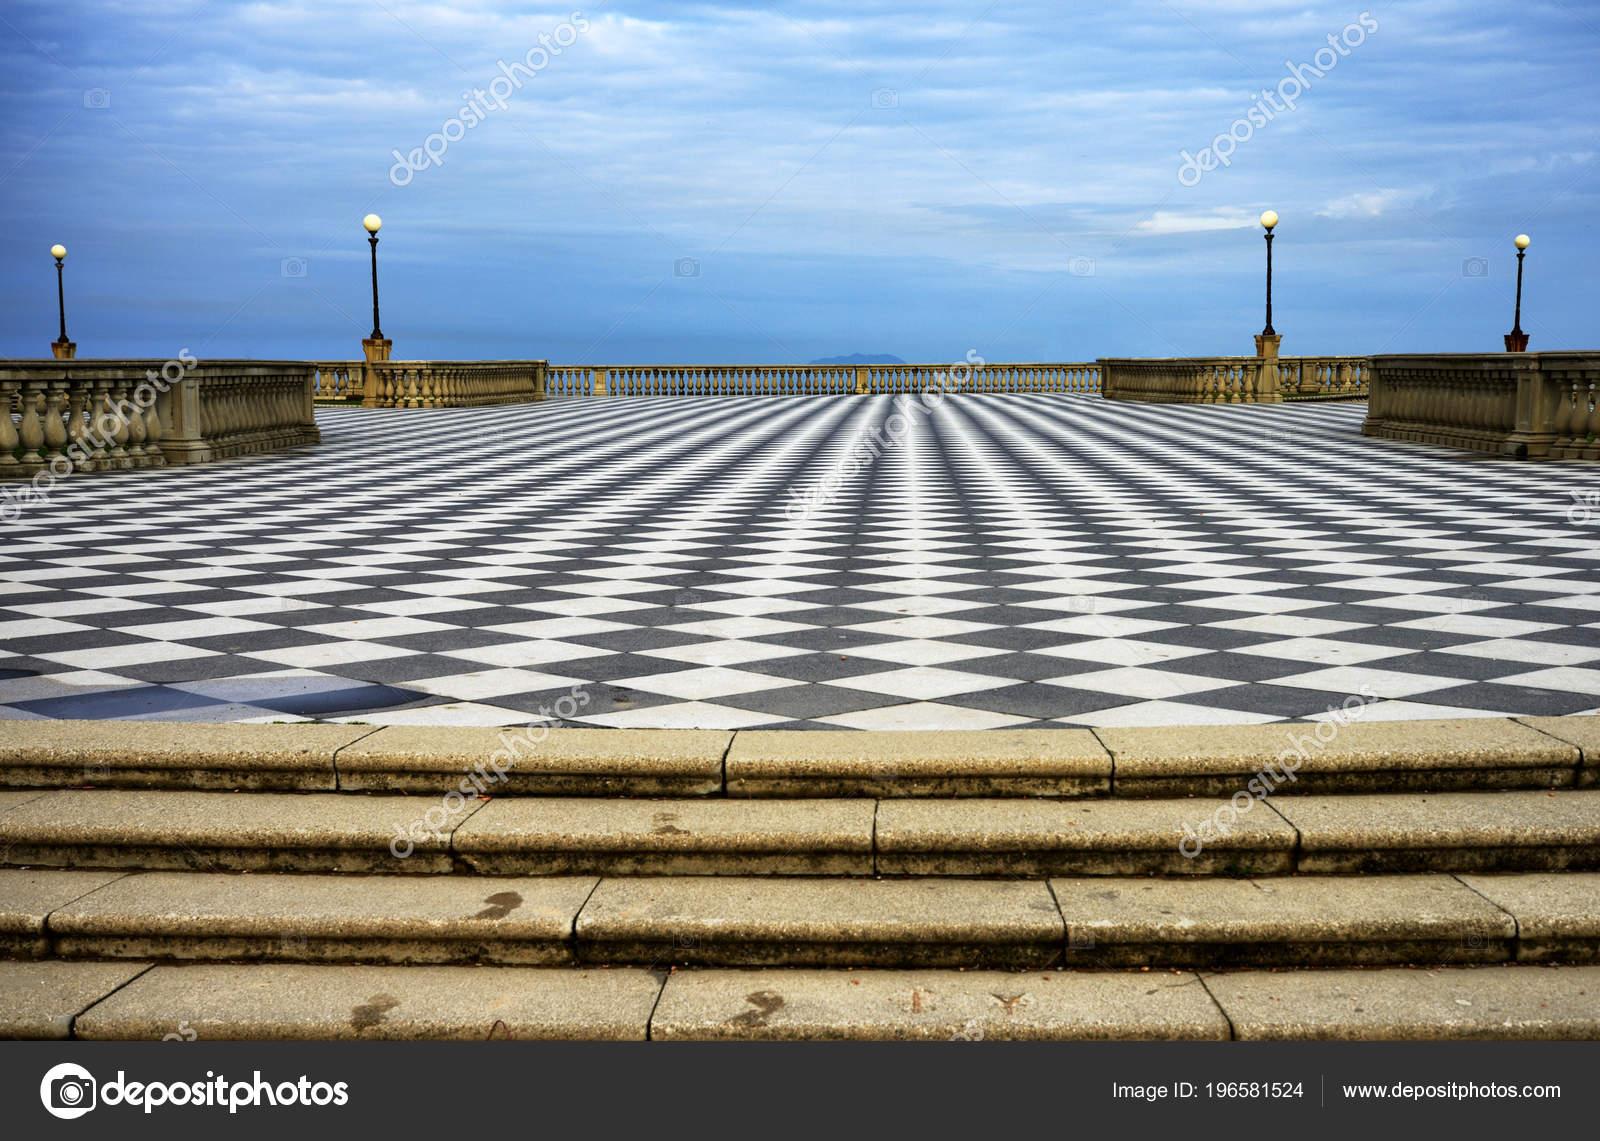 terrasse bord mer toscane italie photographie katy89 196581524. Black Bedroom Furniture Sets. Home Design Ideas